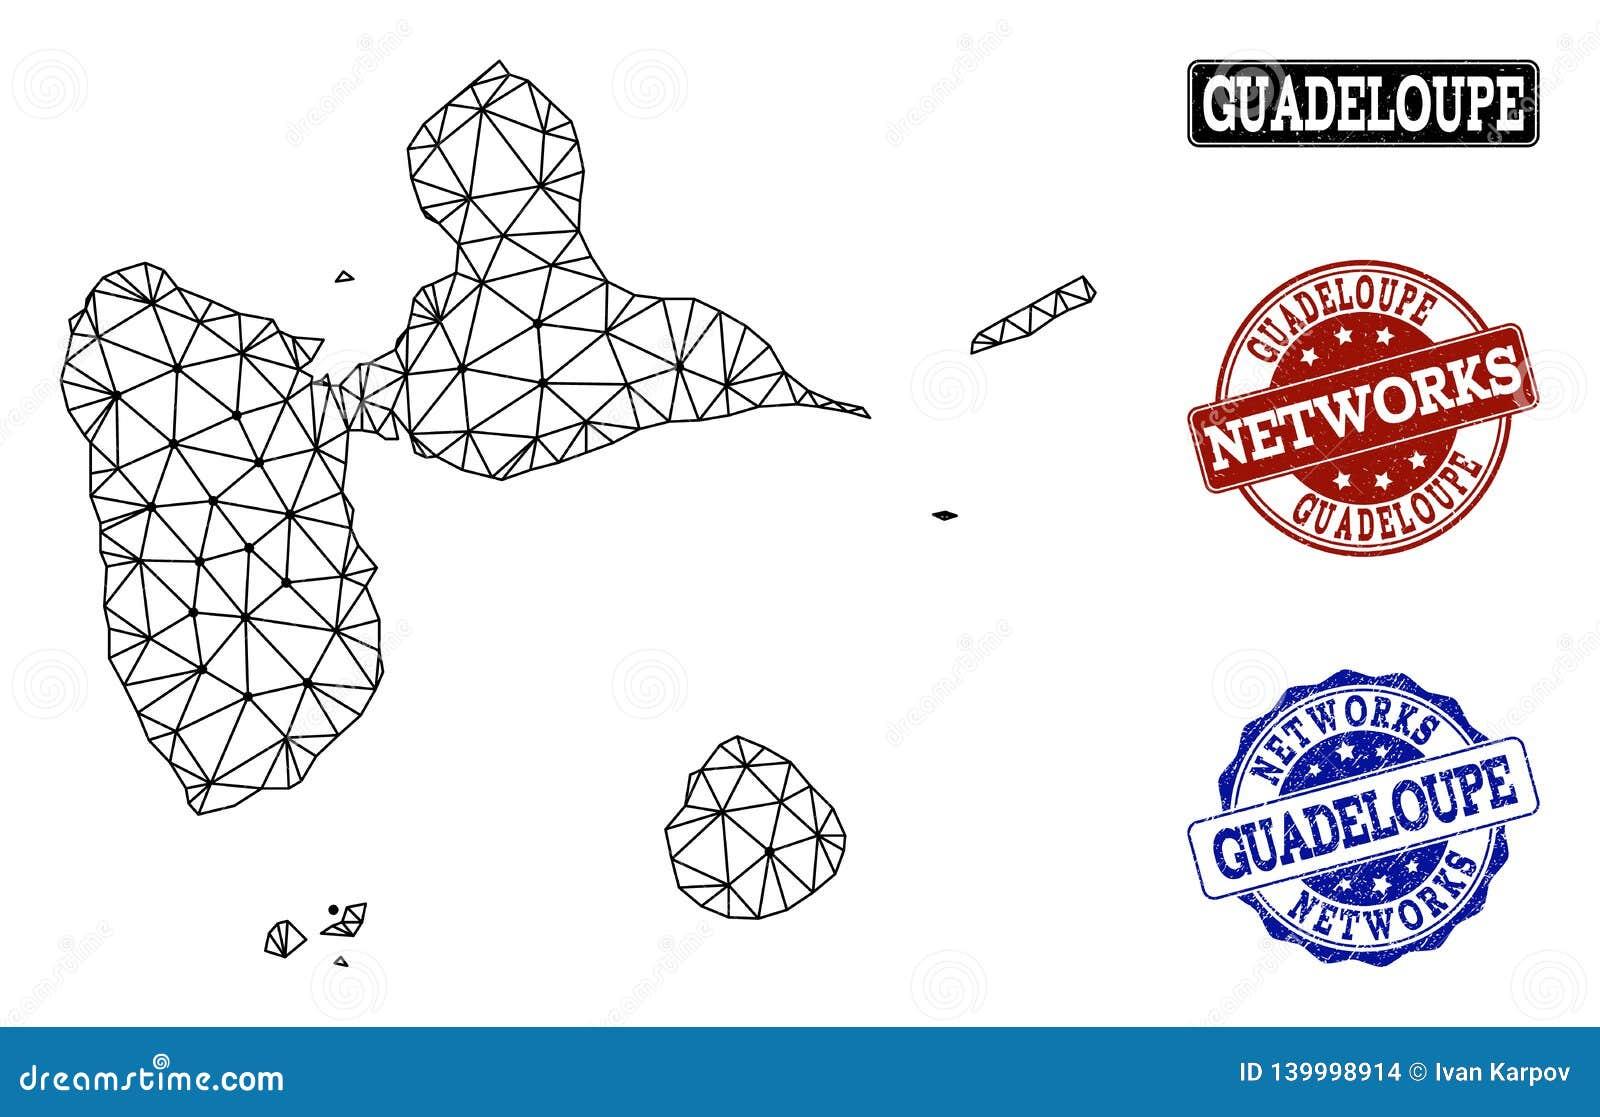 Carte Guadeloupe Noir Et Blanc.Reseau Polygonal Mesh Vector Map Des Timbres Grunges De La